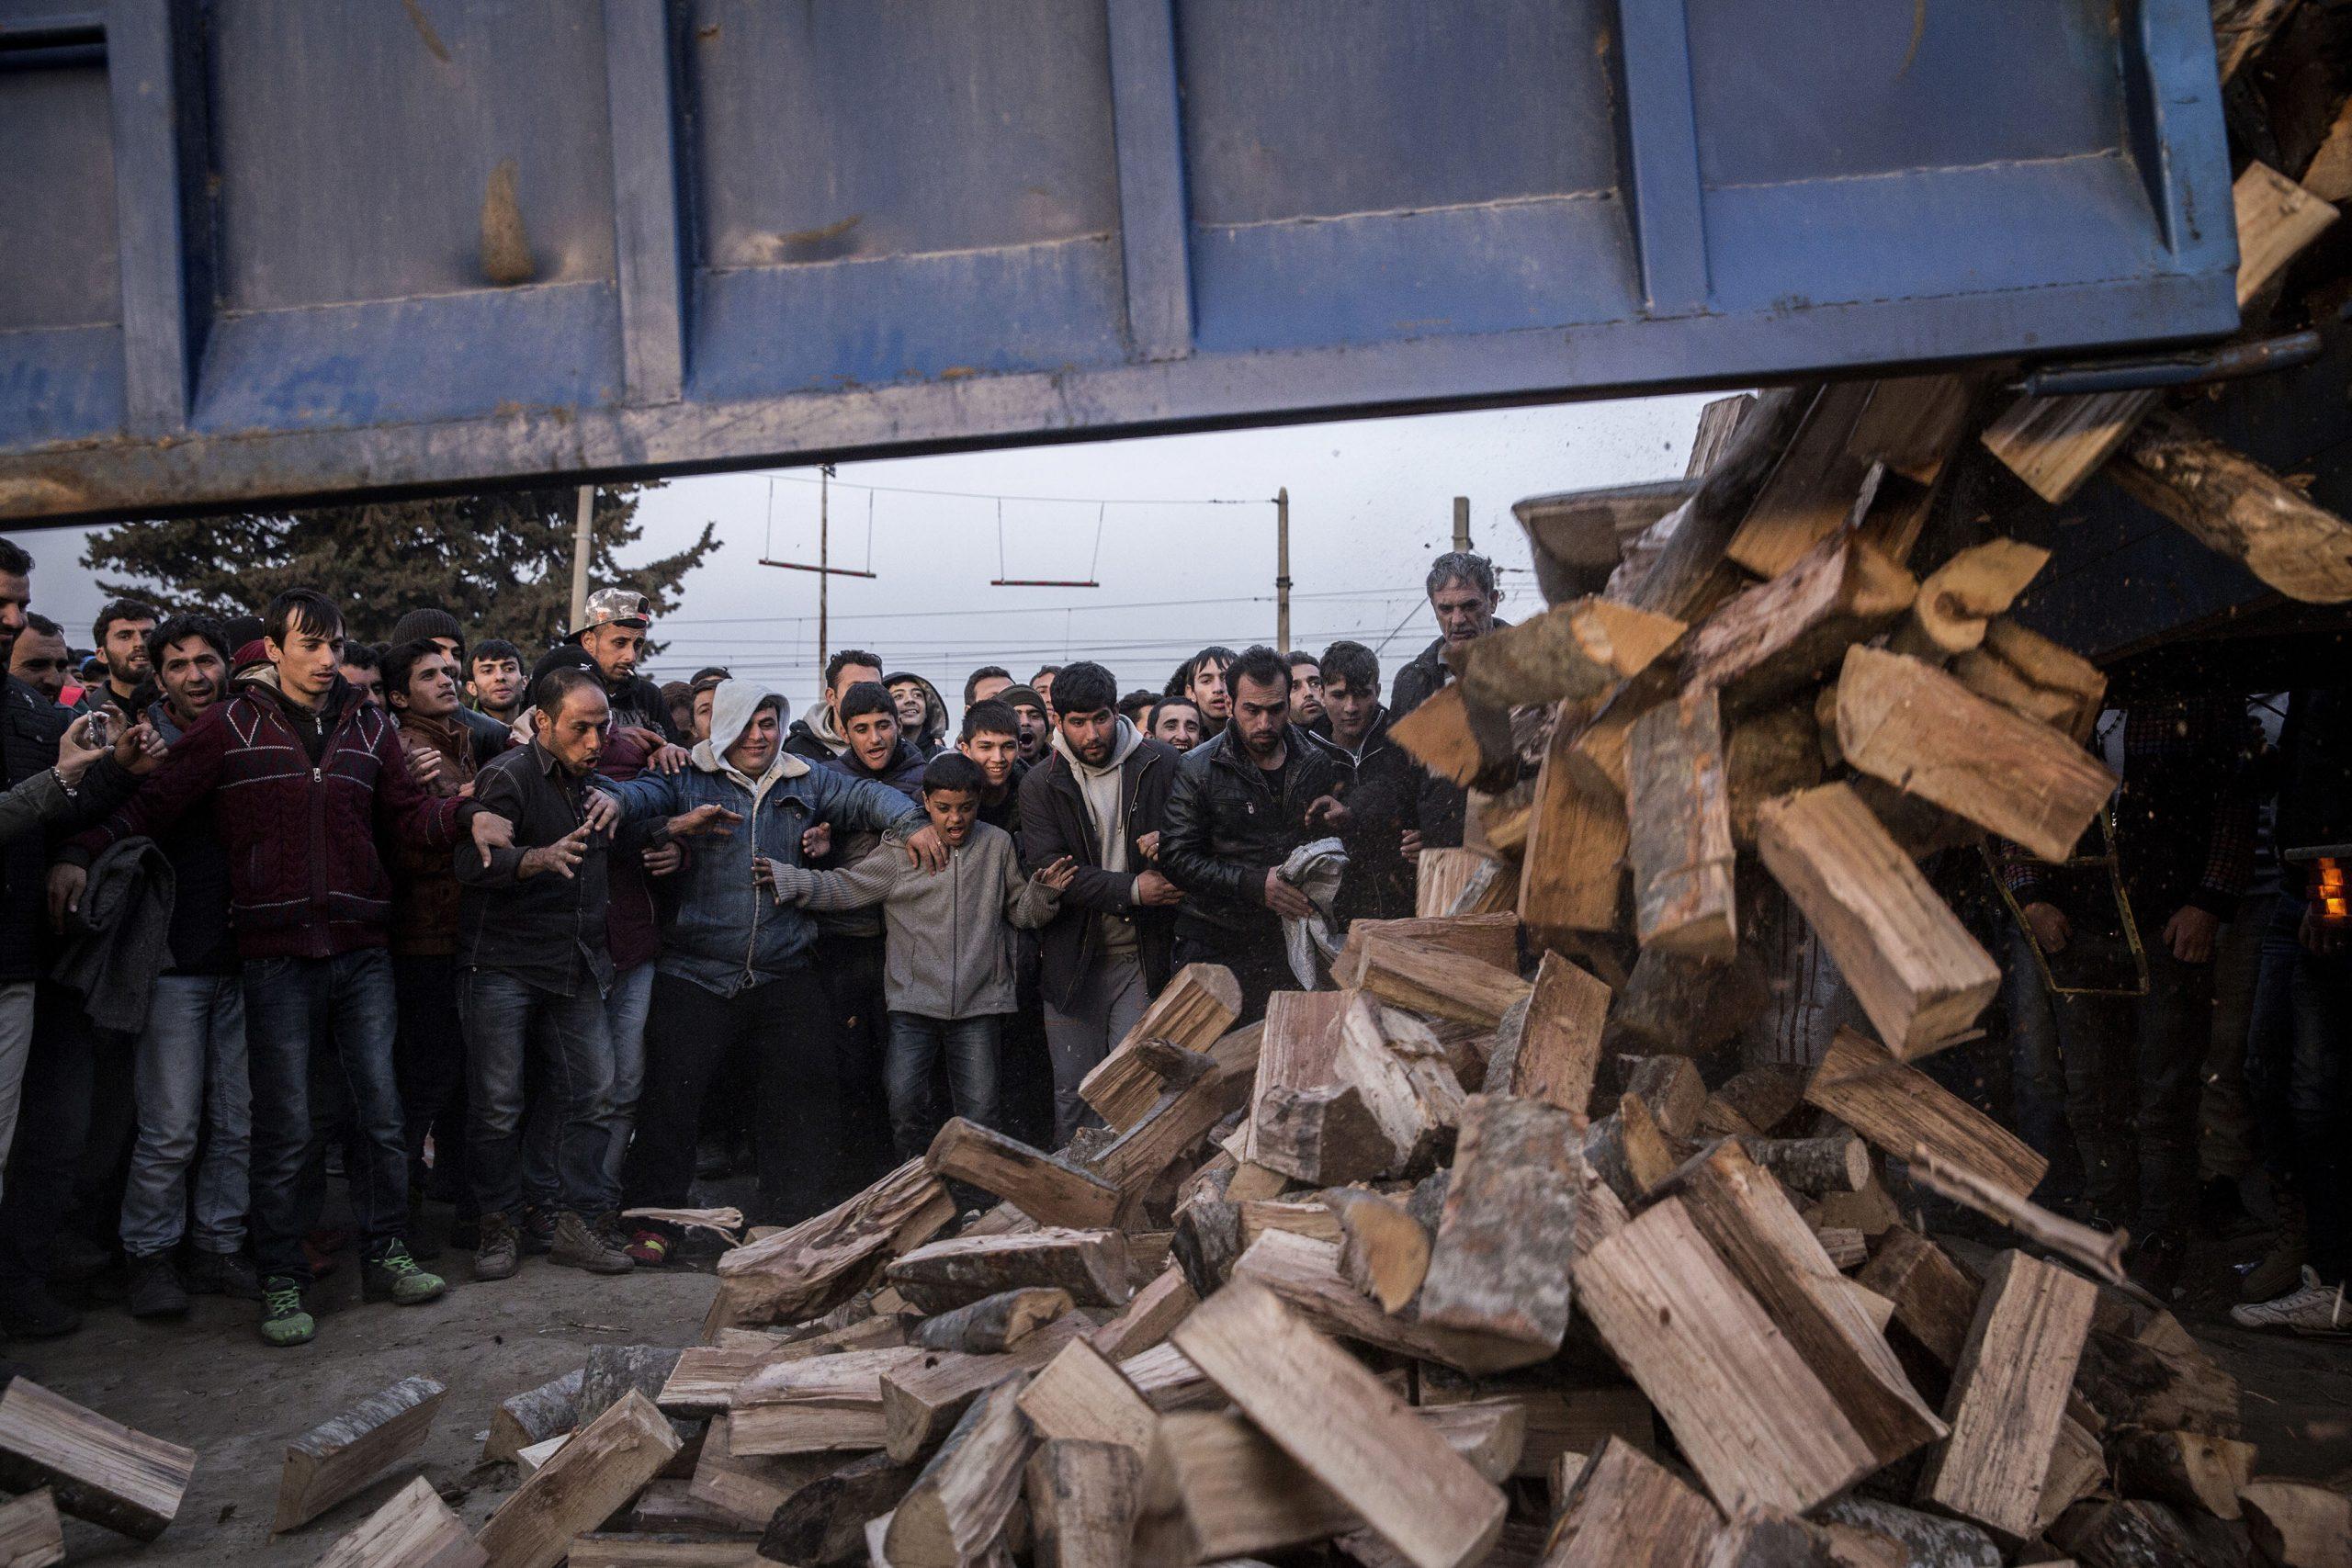 Dozens of people waiting to take wood to make bonfires at nights Idomeni 06/03/2016